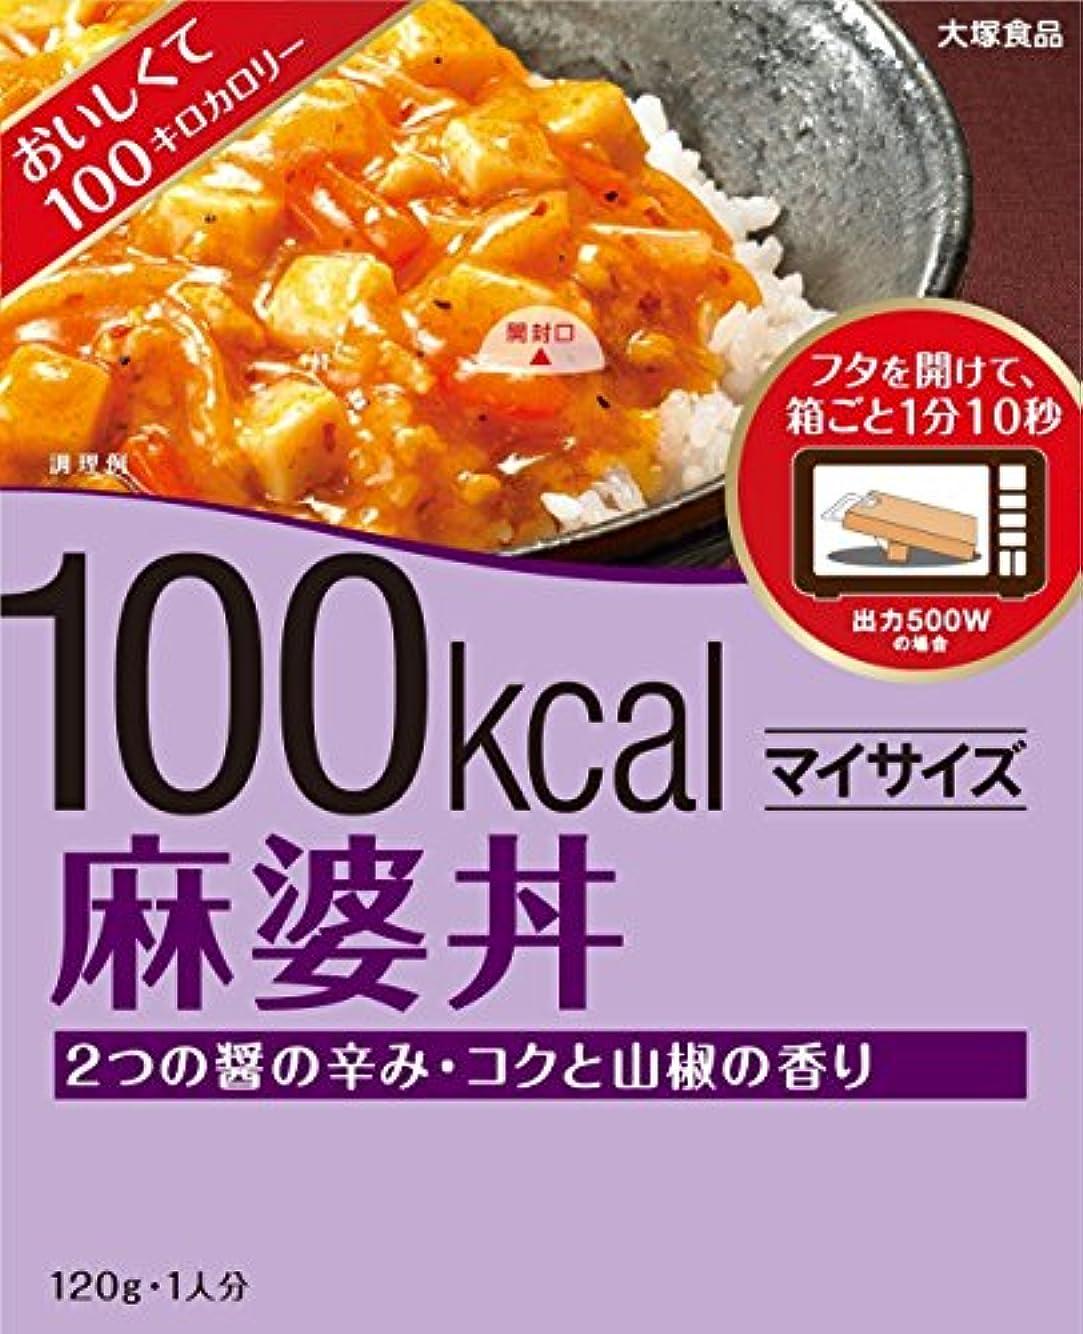 クリーナー葬儀古風な大塚 マイサイズ 麻婆丼 120g【5個セット】